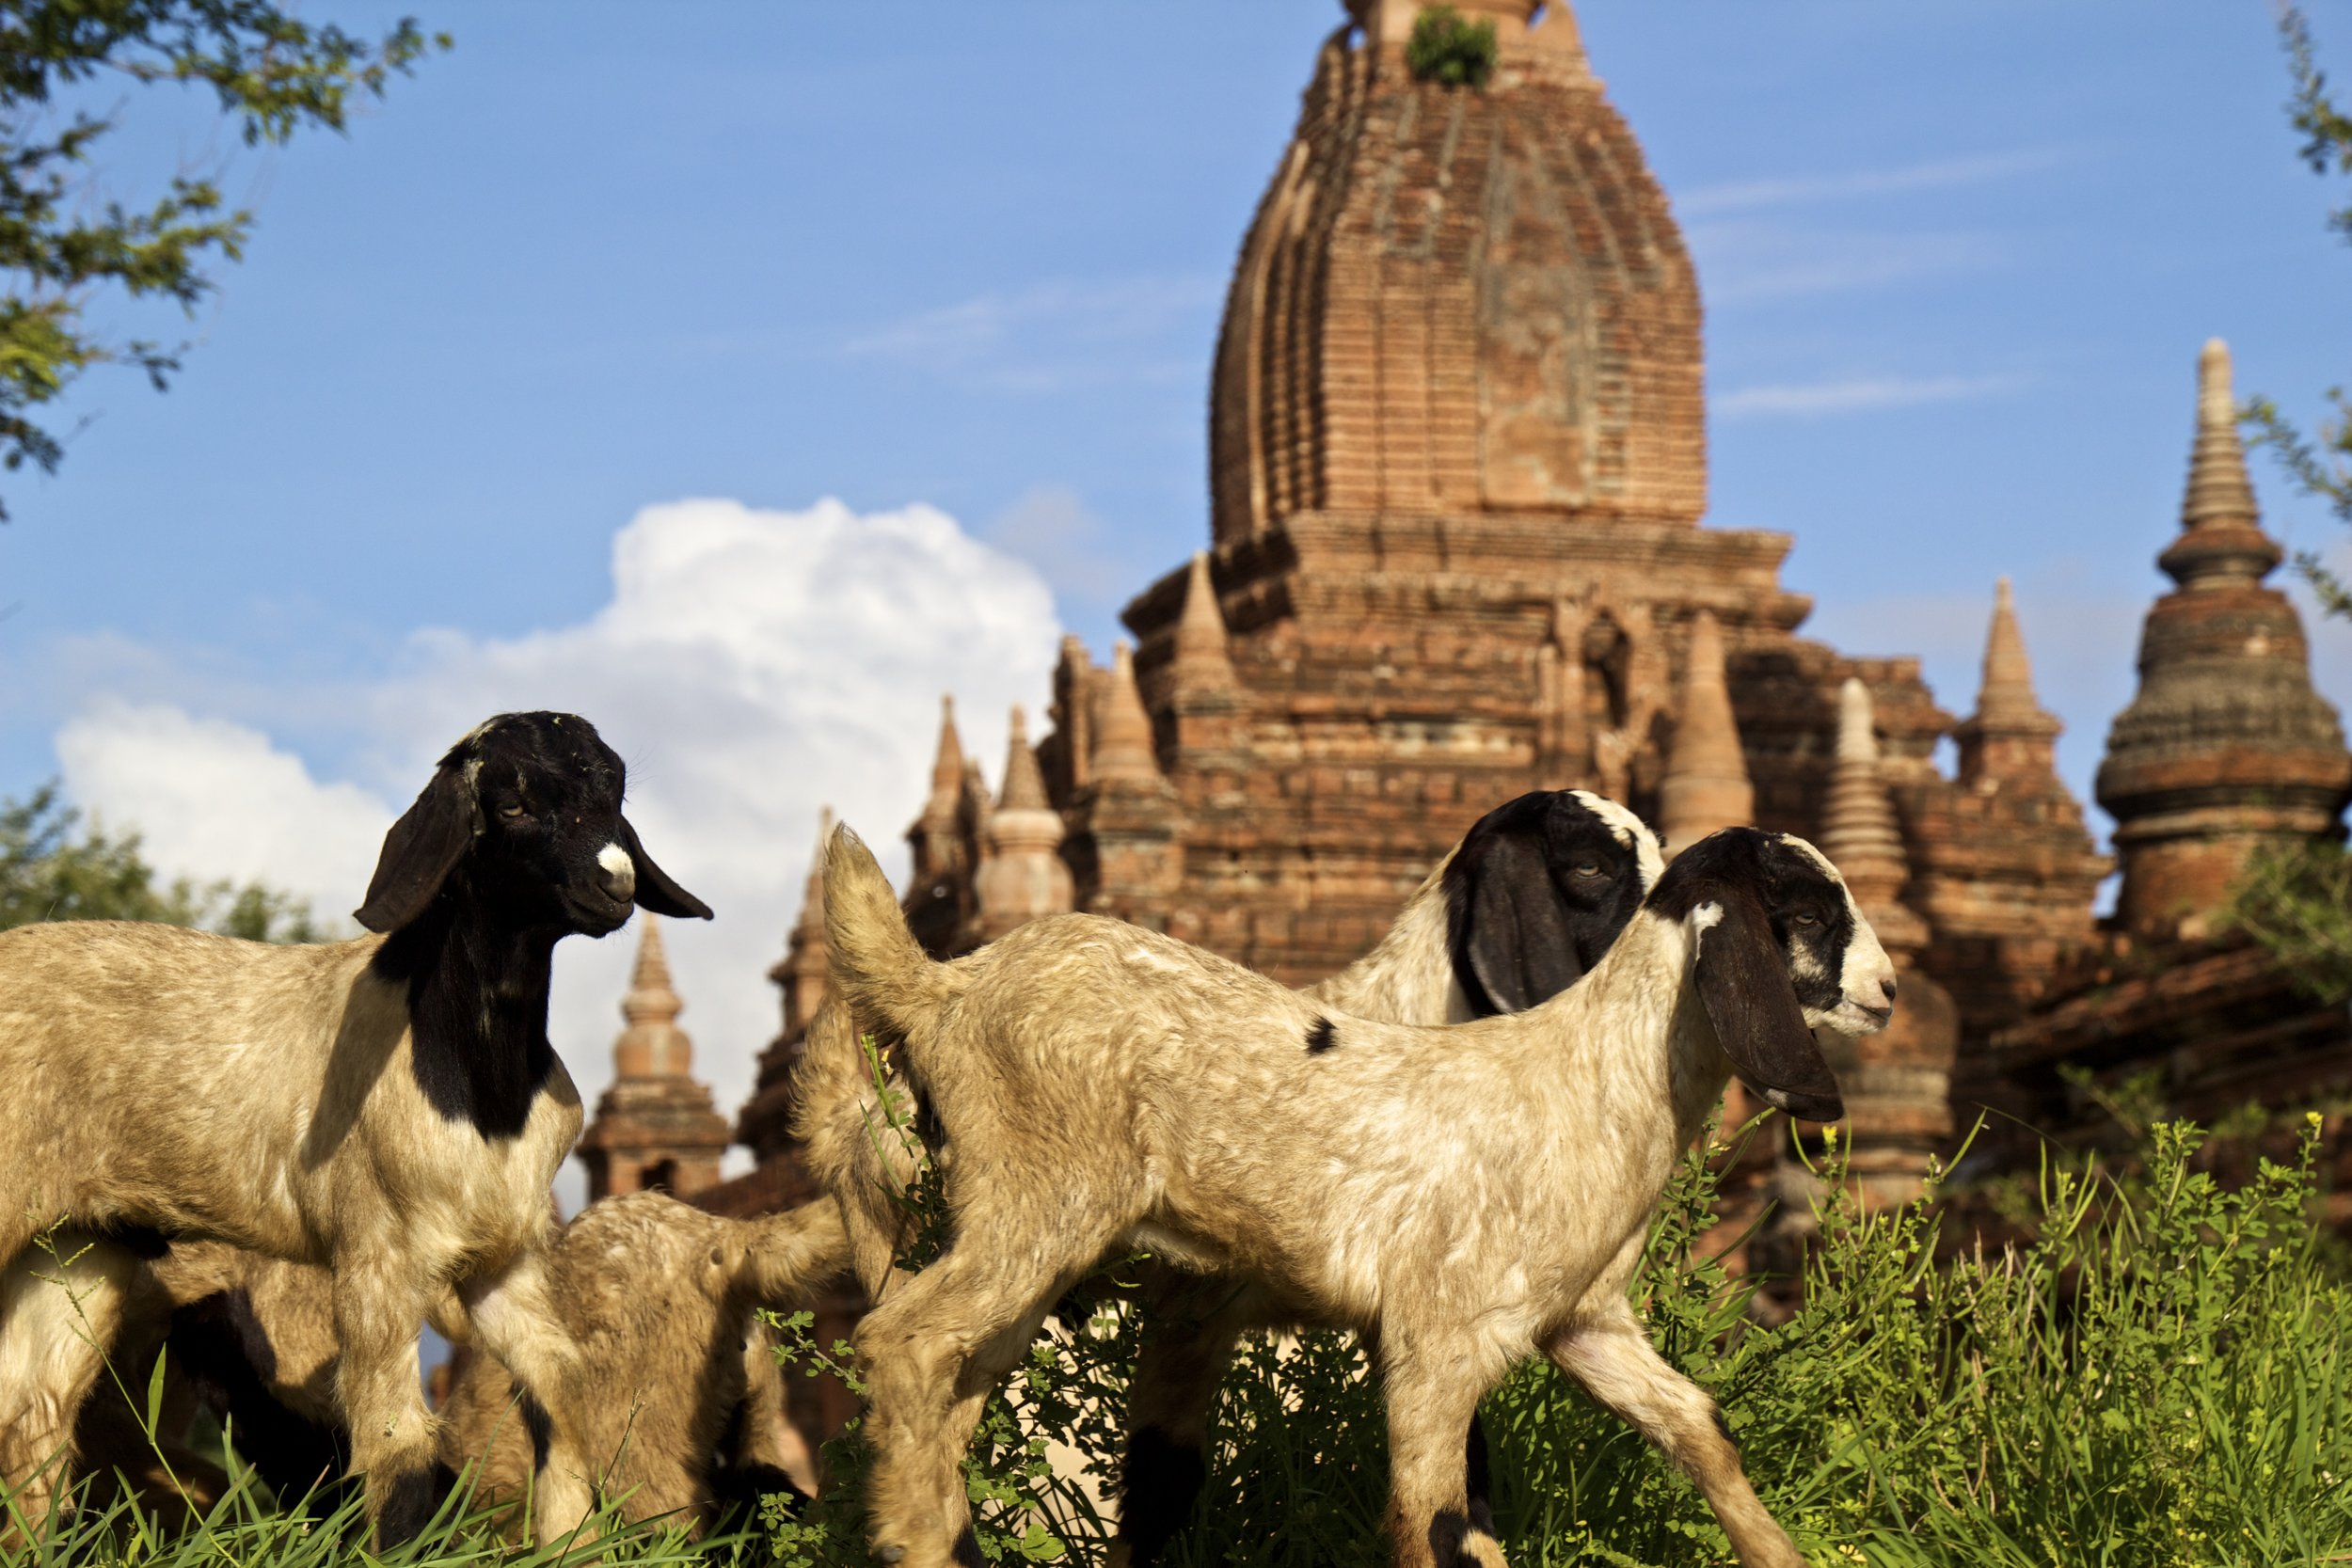 bagan burma myanmar buddhist temples 1.jpg